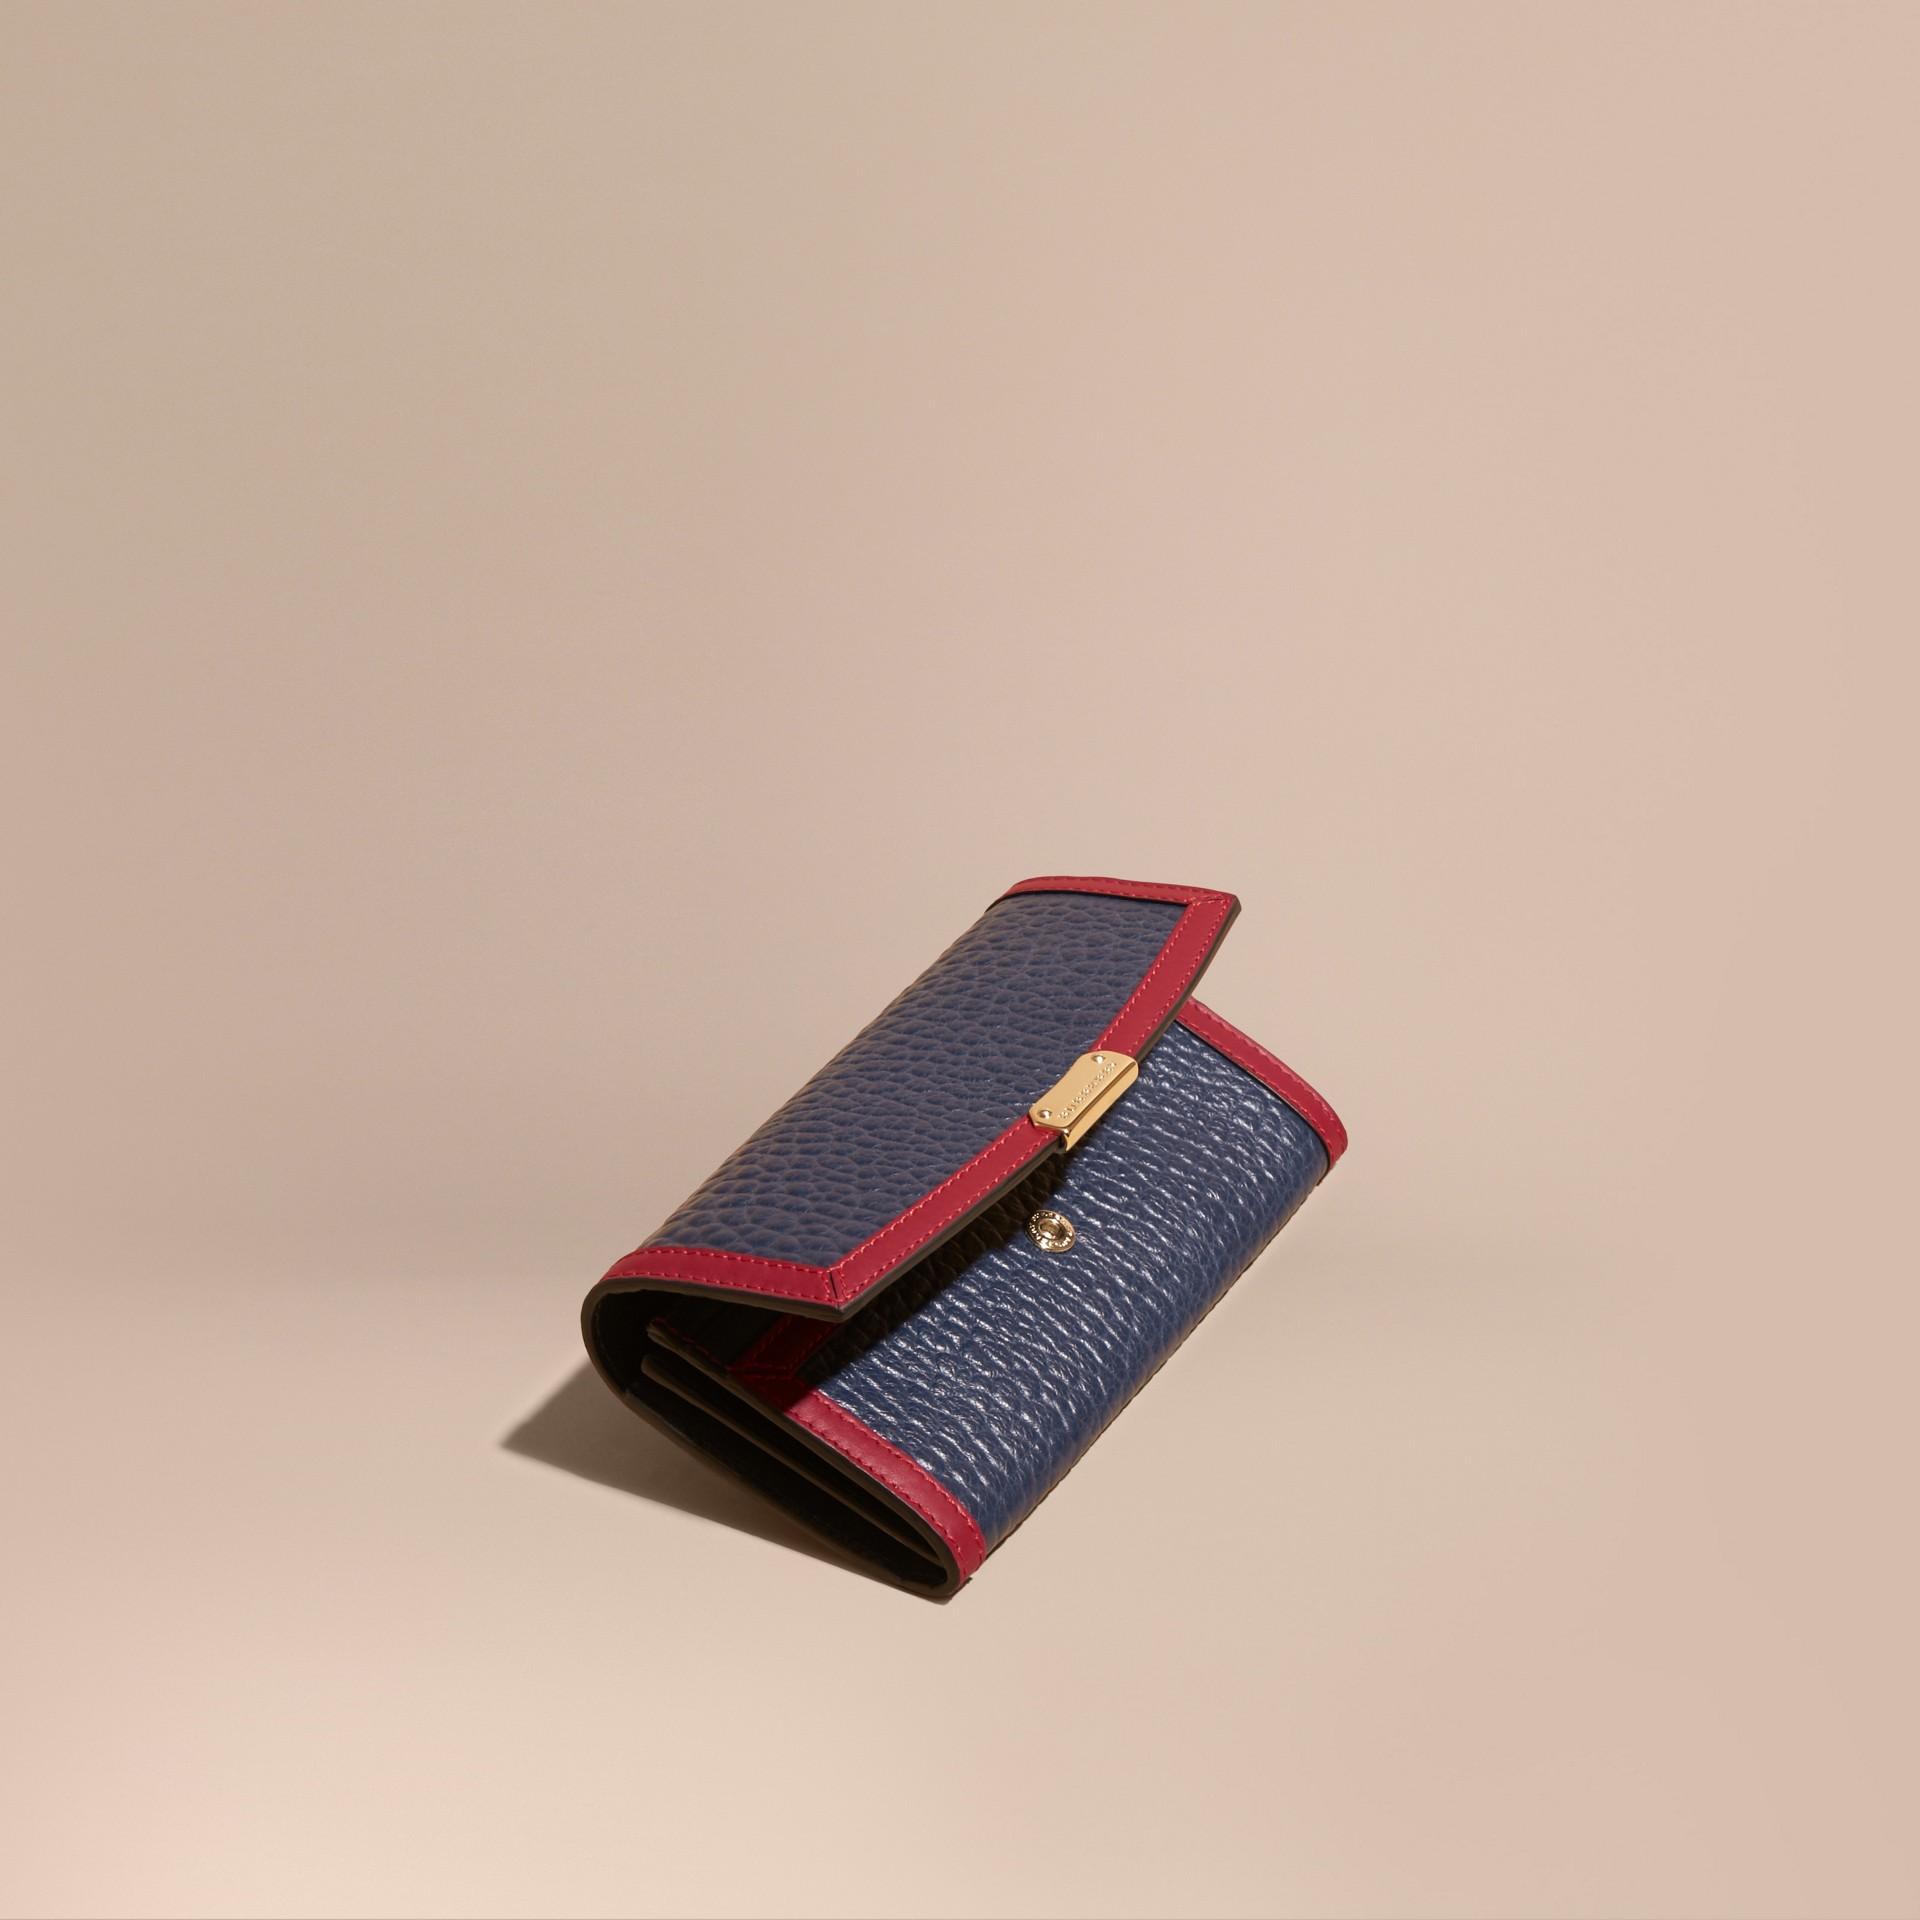 Blu carbonio/rosso parata Portafoglio continental in pelle a grana Burberry con bordo a contrasto - immagine della galleria 1